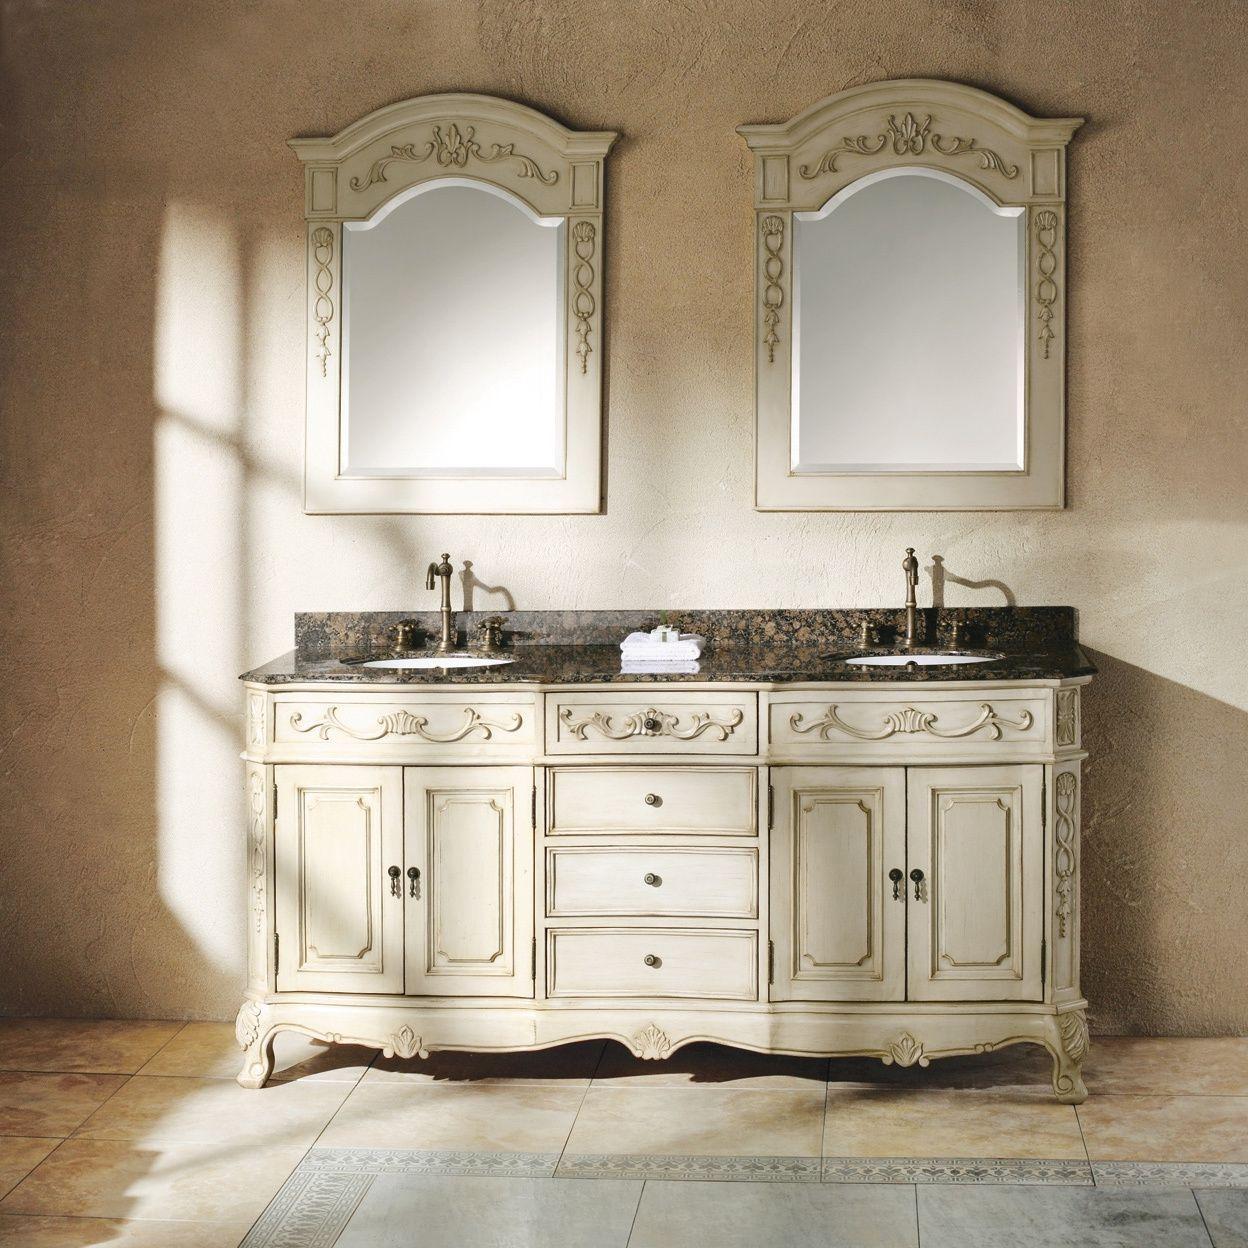 James Martin Furniture Classico Antique White 72 Inch Double